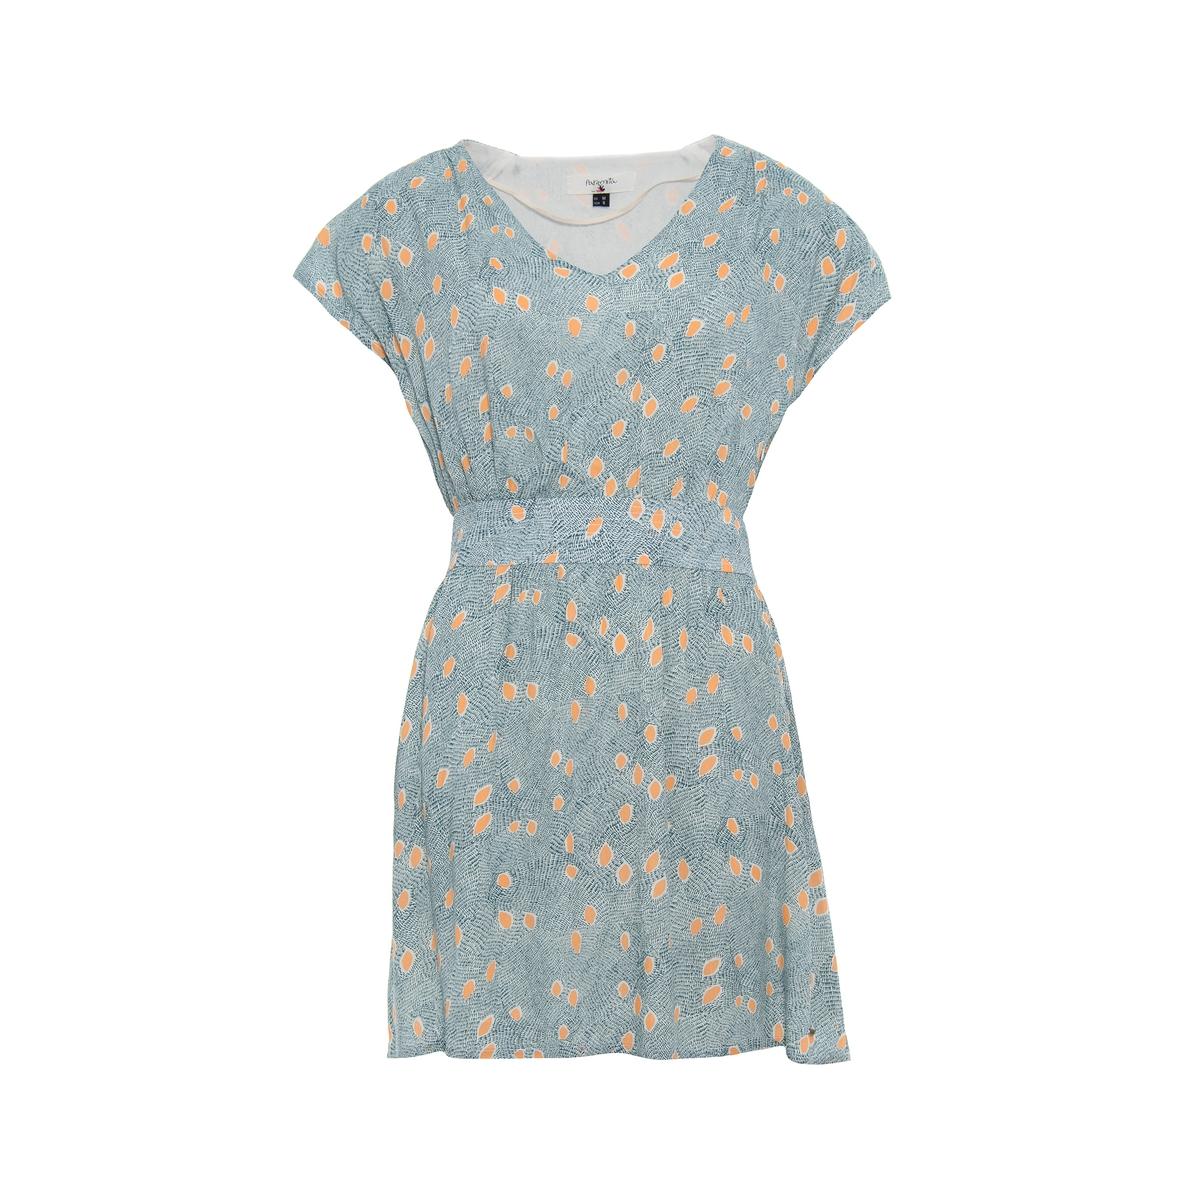 Платье с короткими рукавами, с рисункомСостав и описание :Материал : 100% вискозы.Марка : PARAMITA<br><br>Цвет: зеленый/рисунок<br>Размер: M